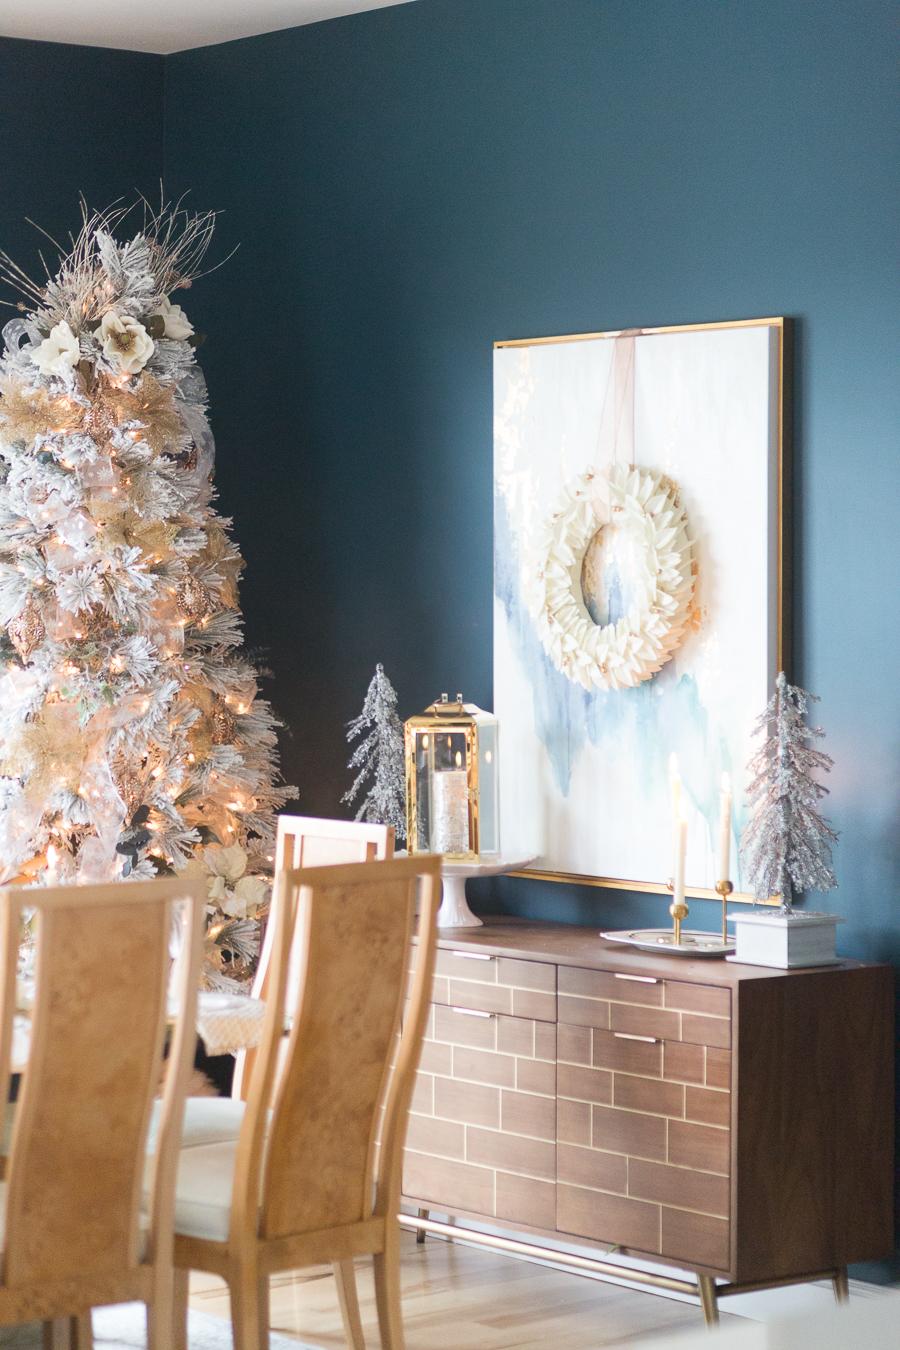 Home for the Holidays Christmas Decor Tour